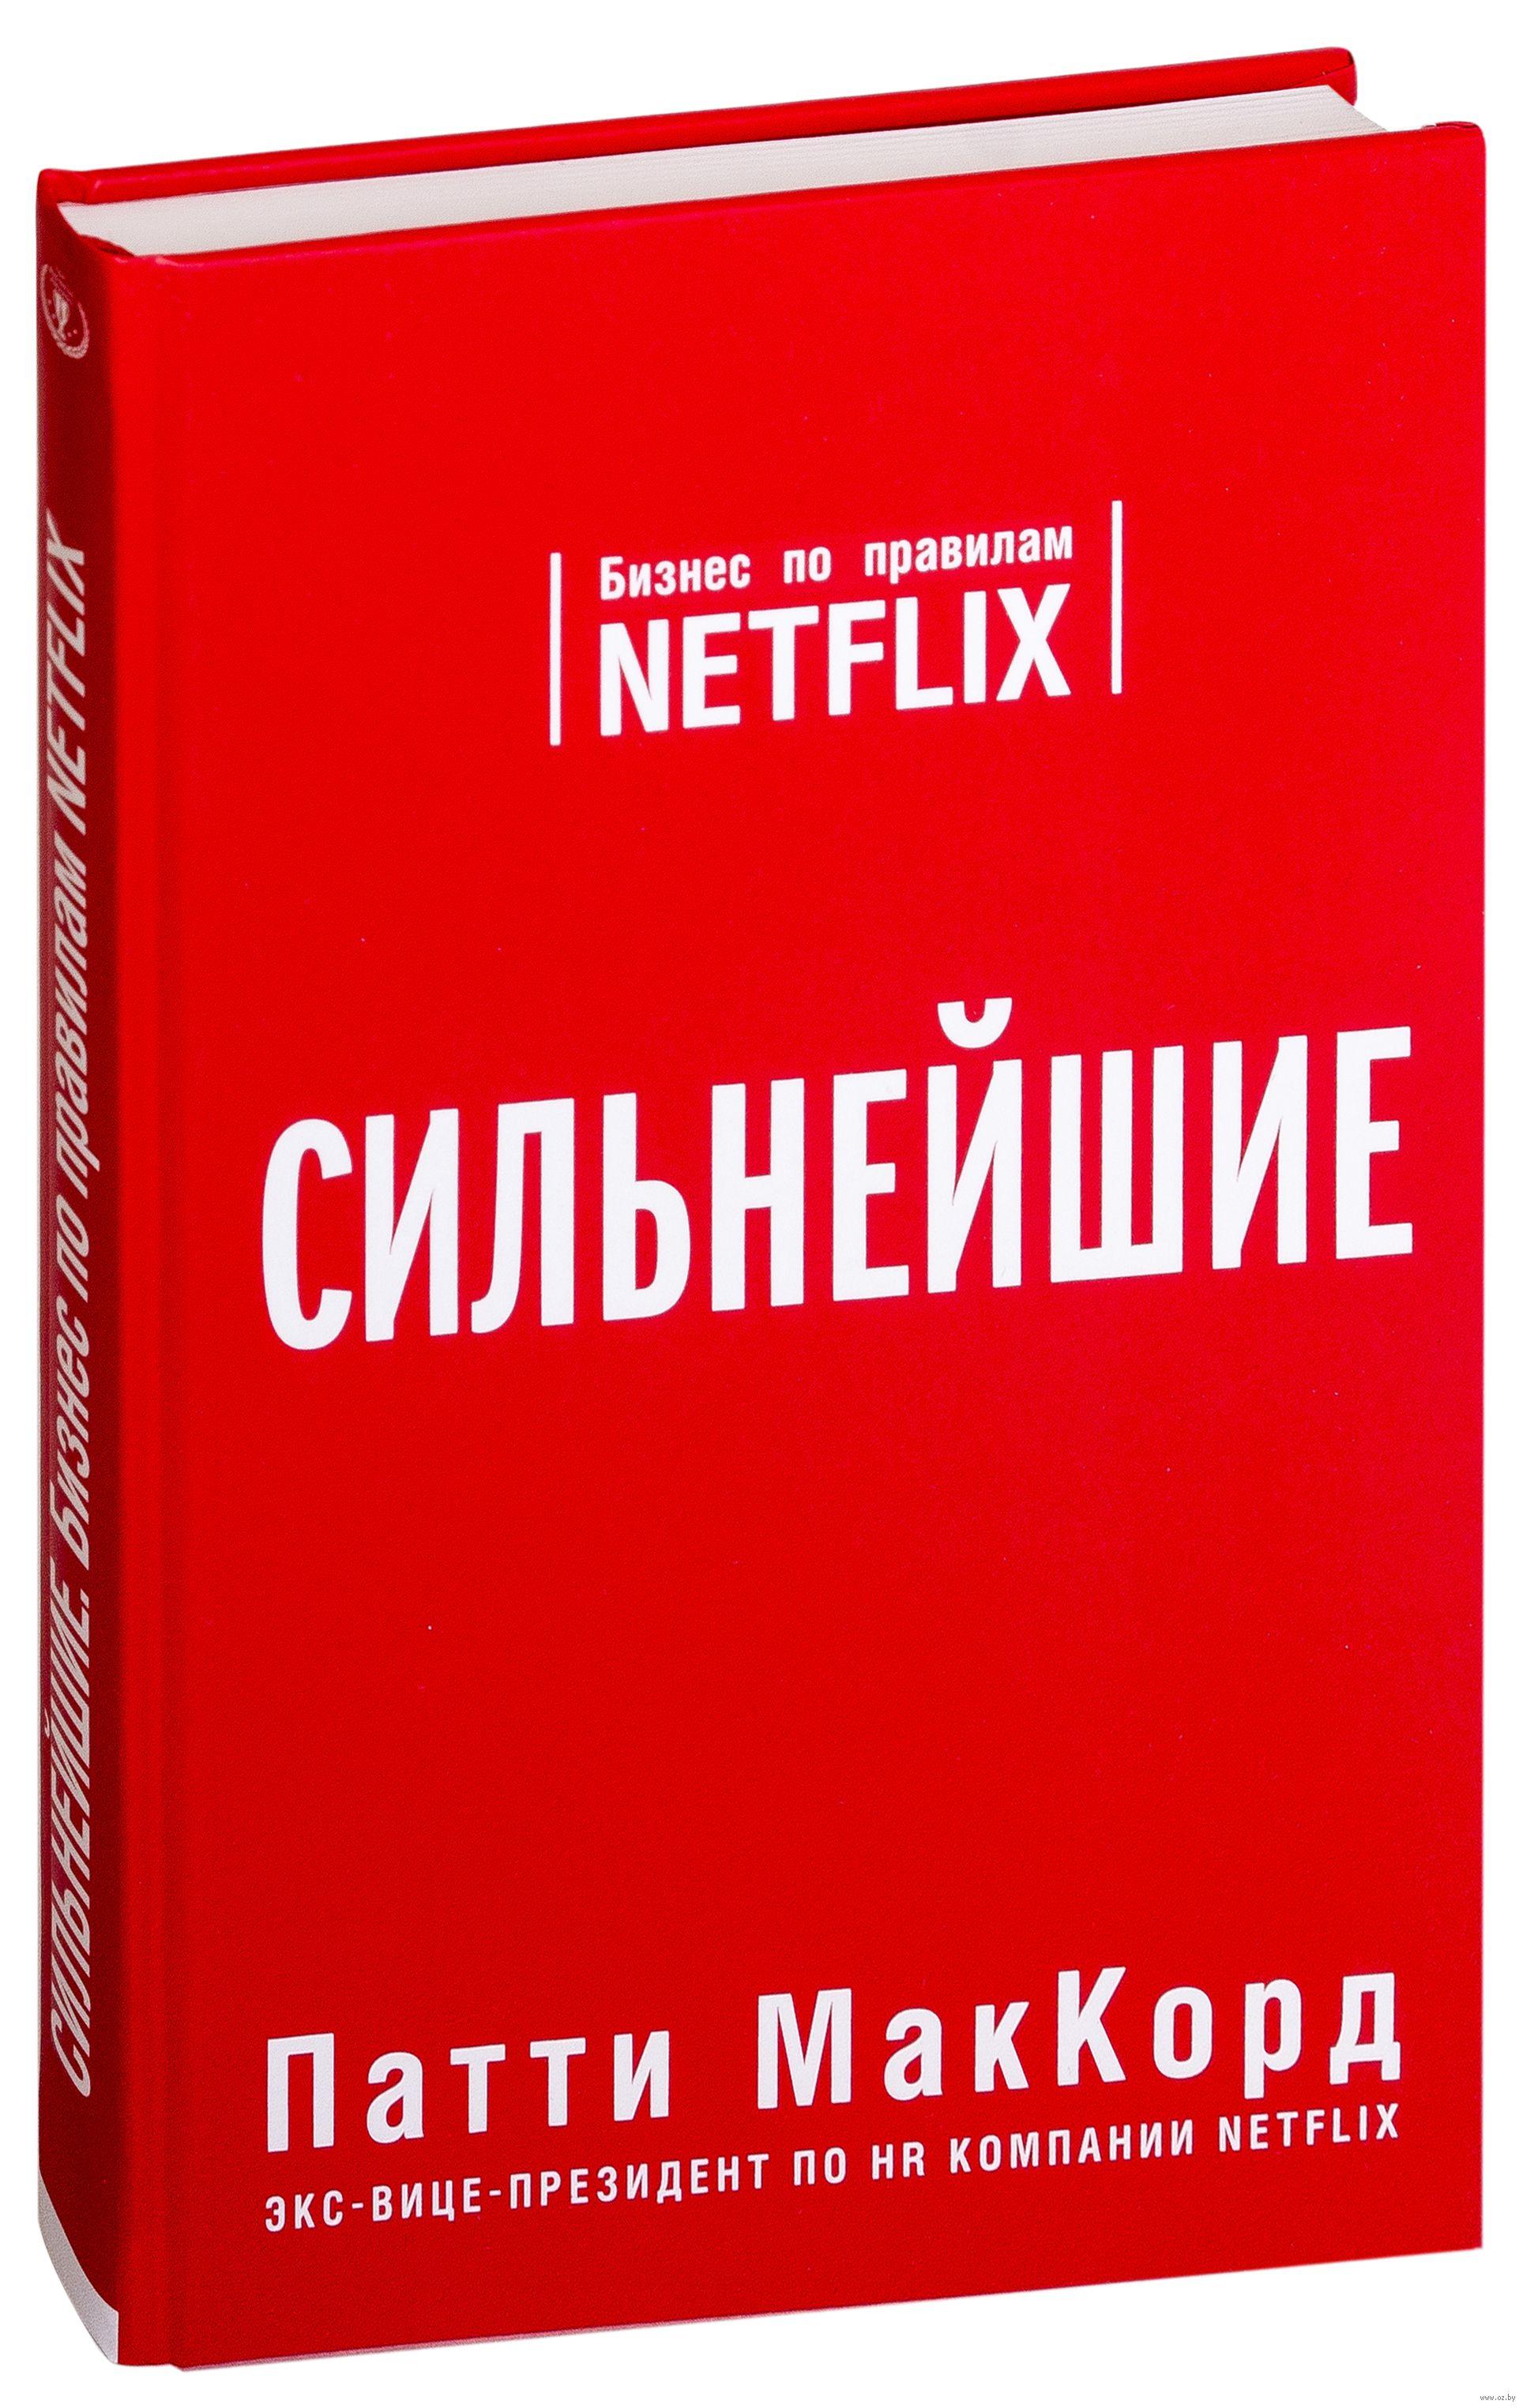 «Сильнейшие. Бизнес по правилам Netflix» Патти МакКорд - купить книгу «Сильнейшие. Бизнес по правилам Netflix» в Минске — Издательство Эксмо на OZ.by